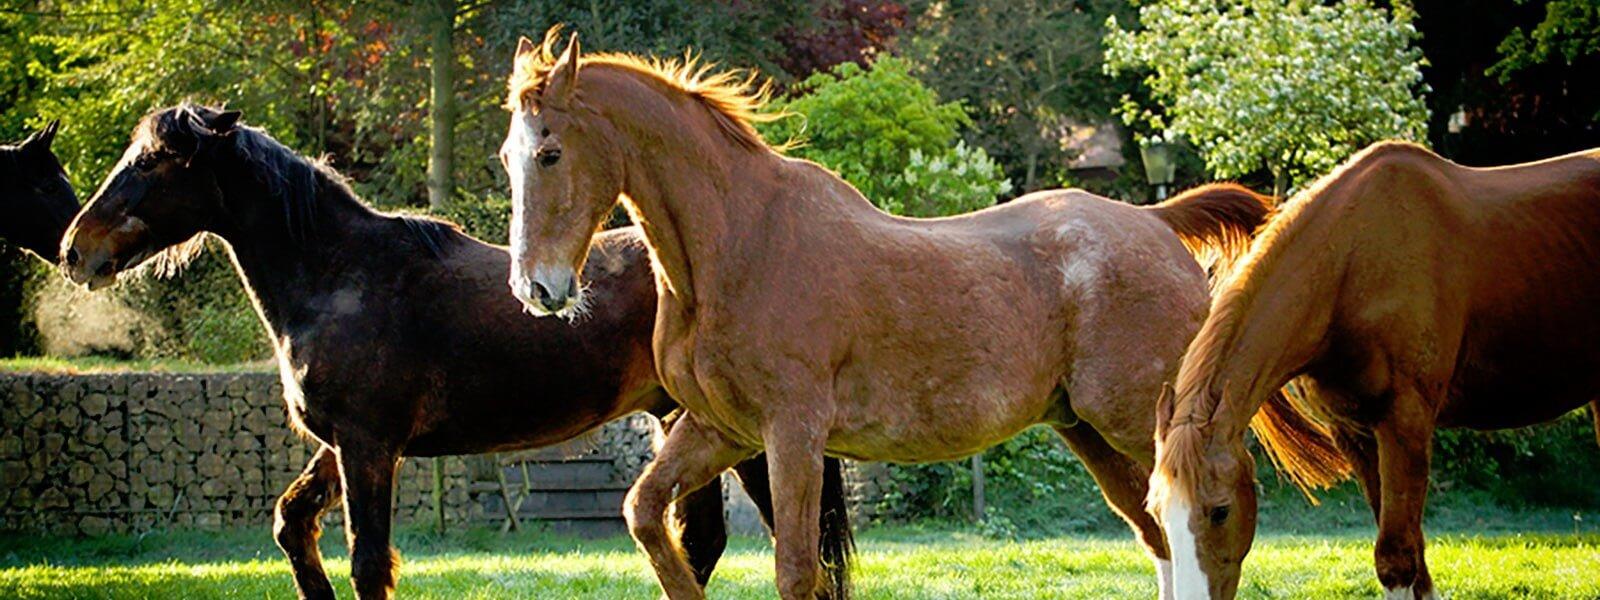 Boerderijfeestje bij De Paardenkamp